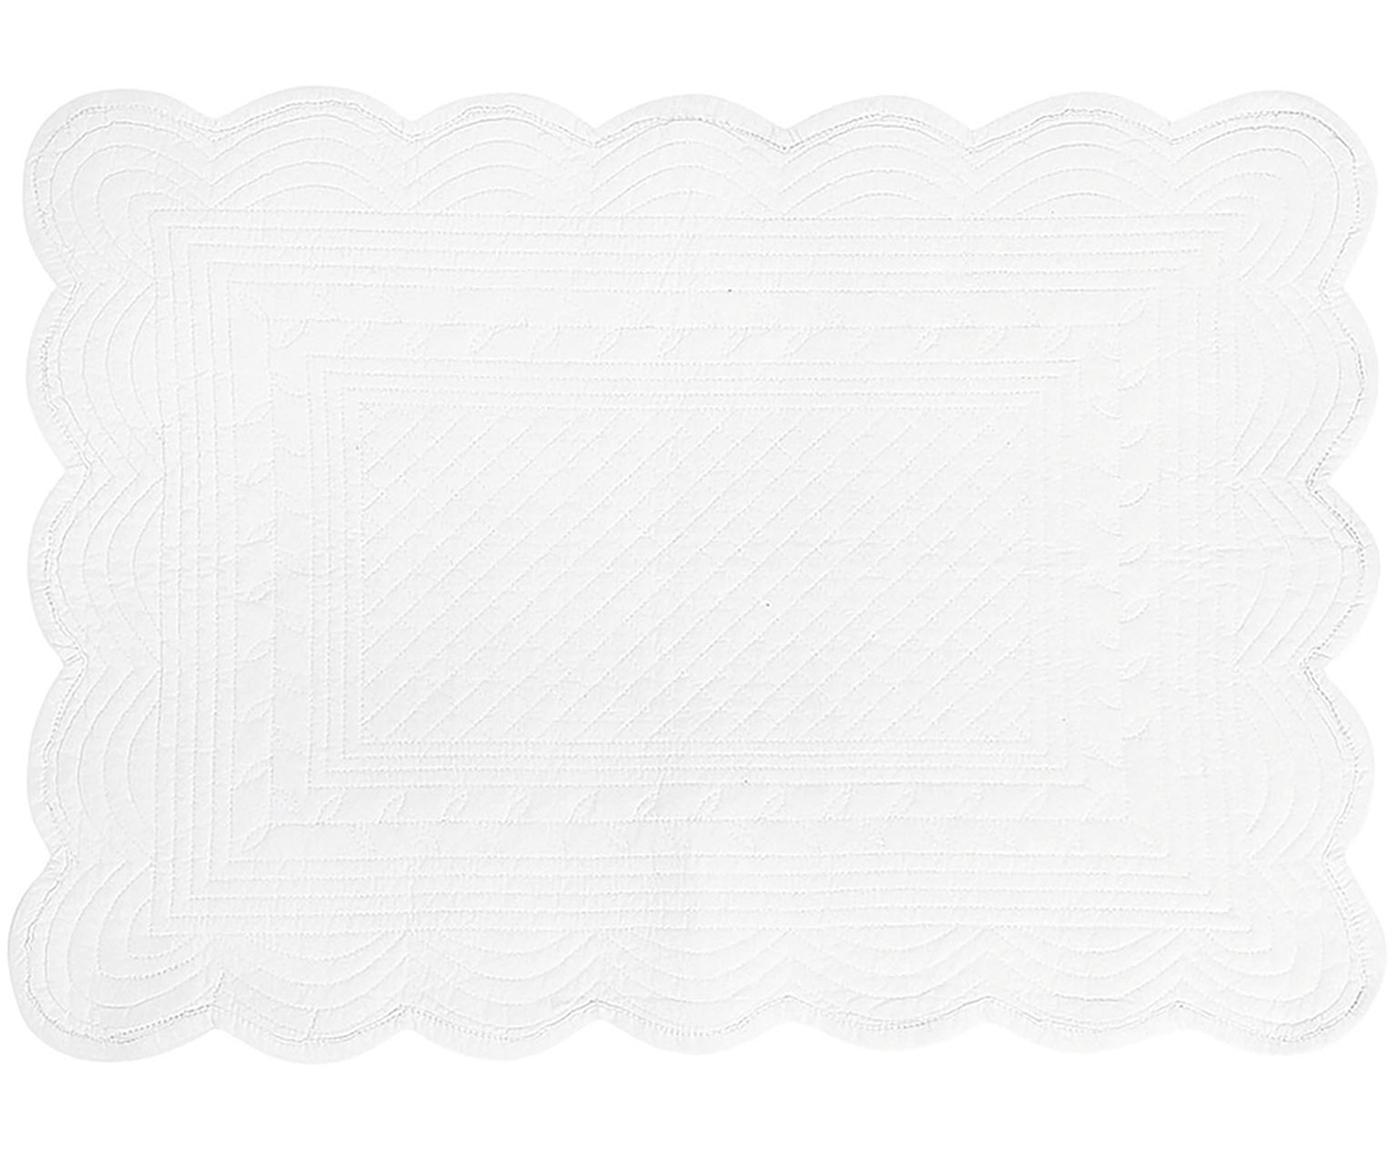 Podkładka Boutis, 6 szt., Bawełna, Biały, S 34 x D 48 cm